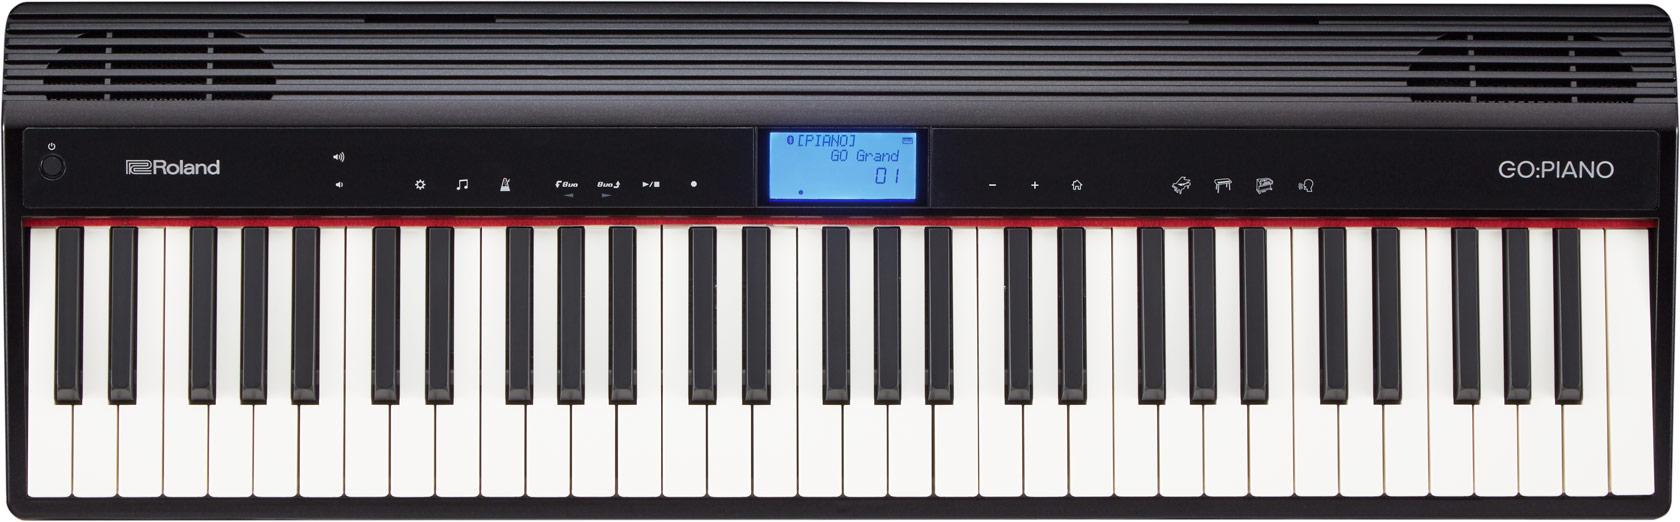 clavier et piano num rique pour d butant roland go keys et go piano instrument de musique. Black Bedroom Furniture Sets. Home Design Ideas